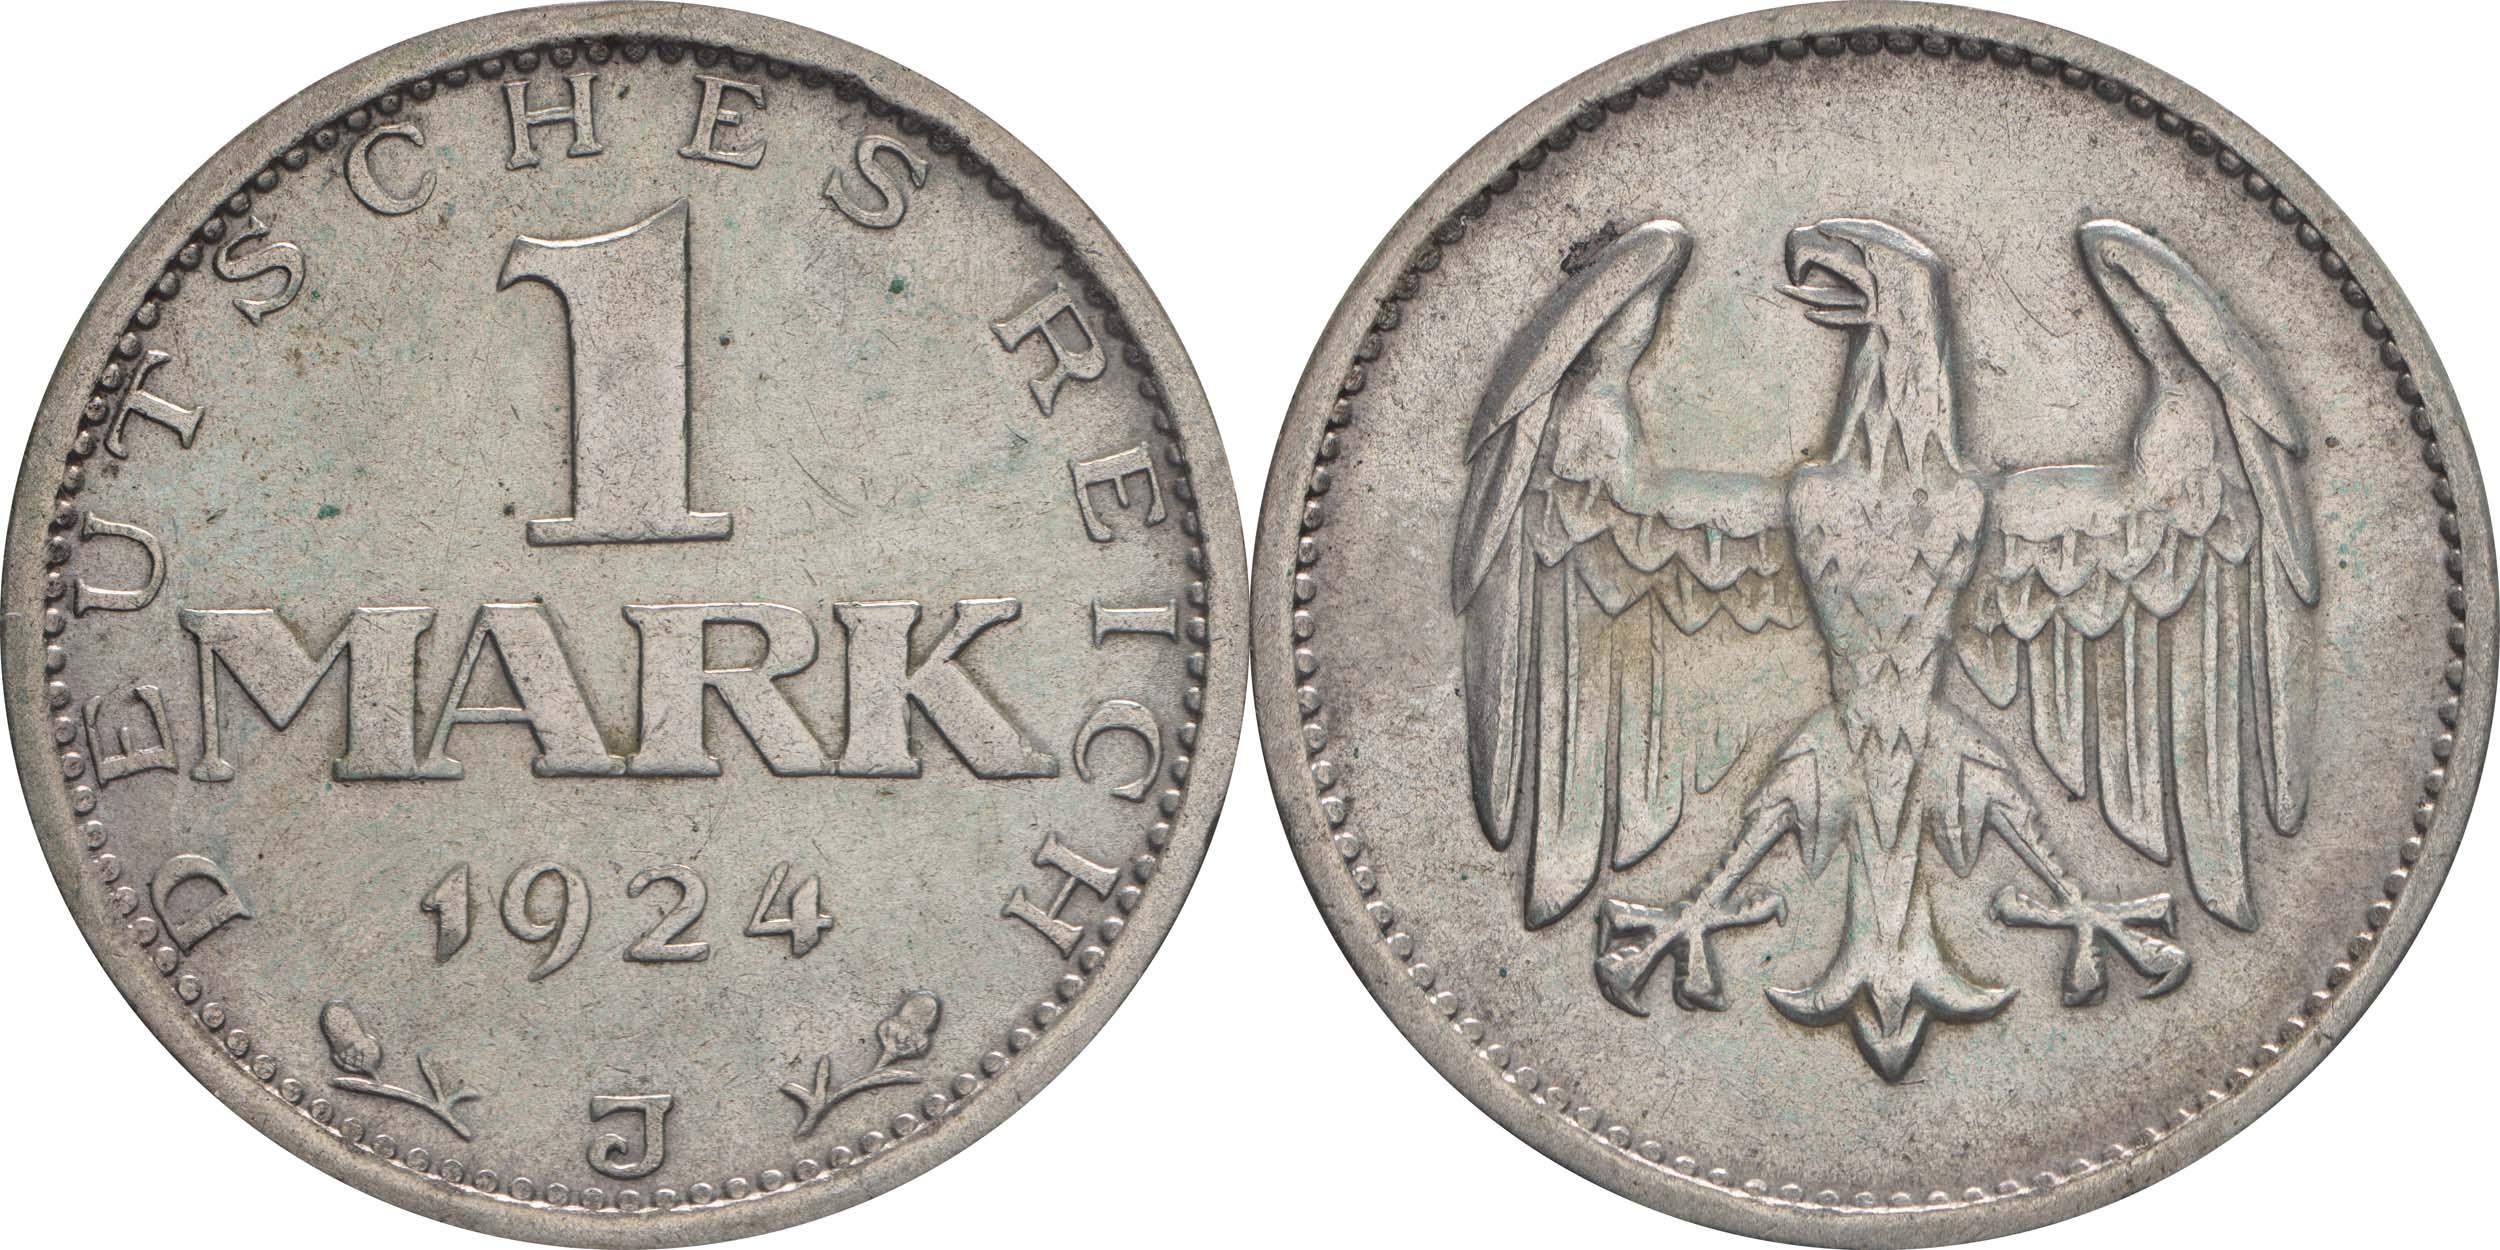 Lieferumfang:Deutschland : 1 Mark Kursmünze  1924 ss/vz.